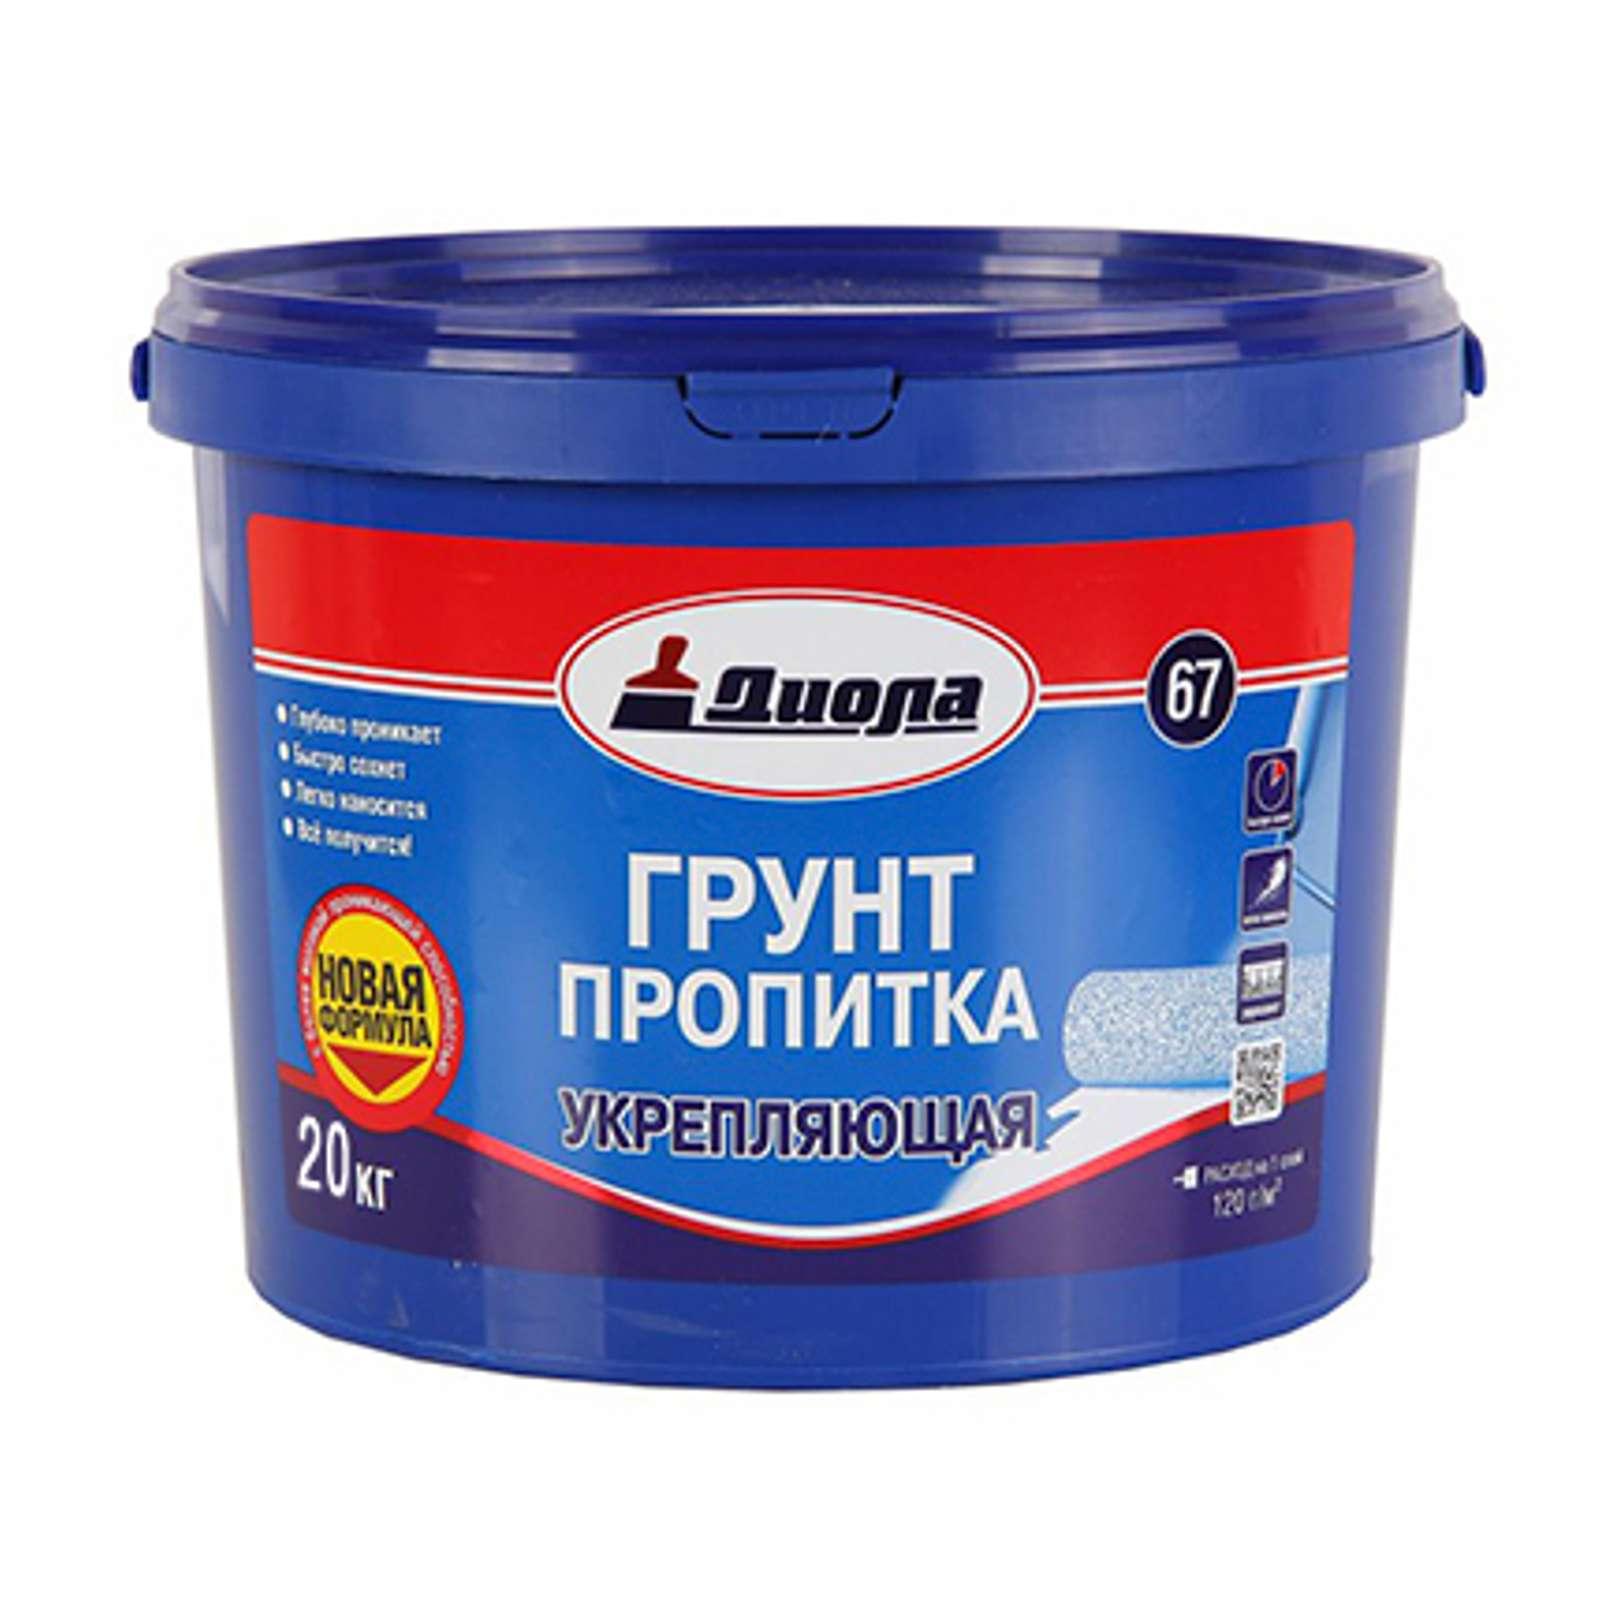 """Грунт-пропитка укрепляющая""""Диола-67"""", 20 кг (евроведро)"""